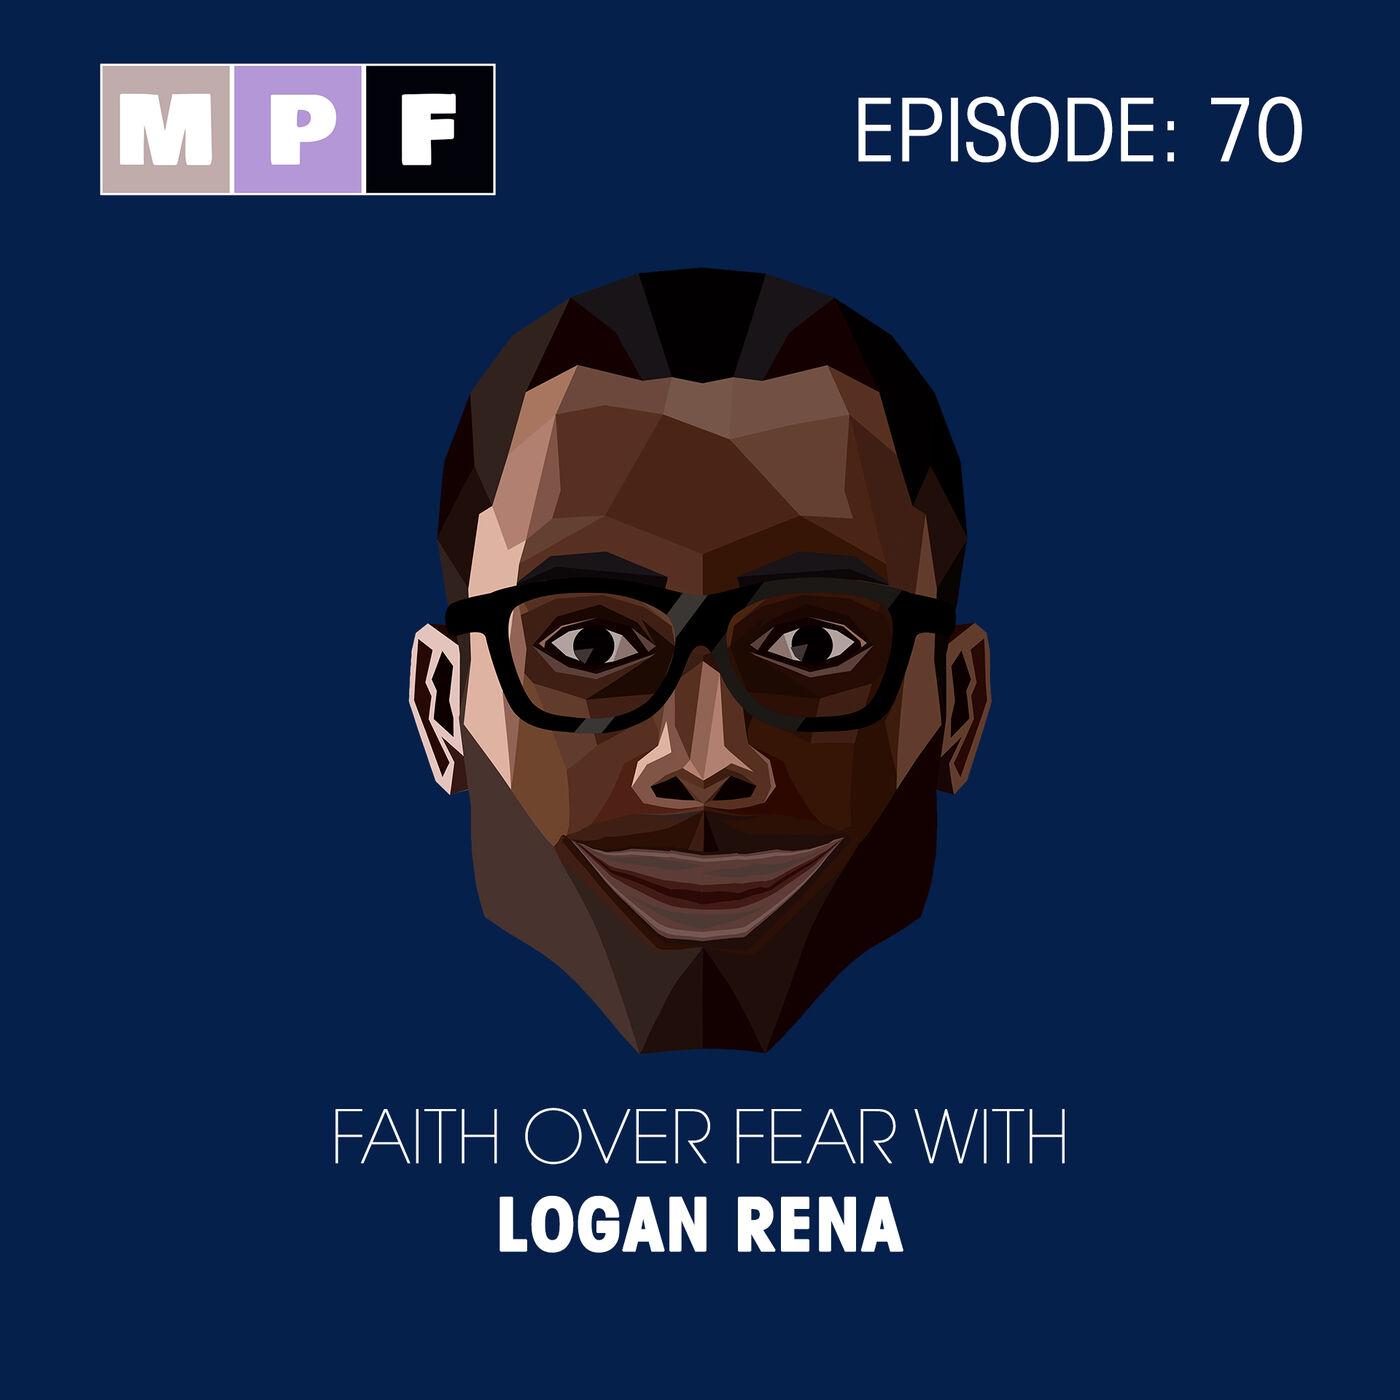 Faith over Fear with Logan Rena